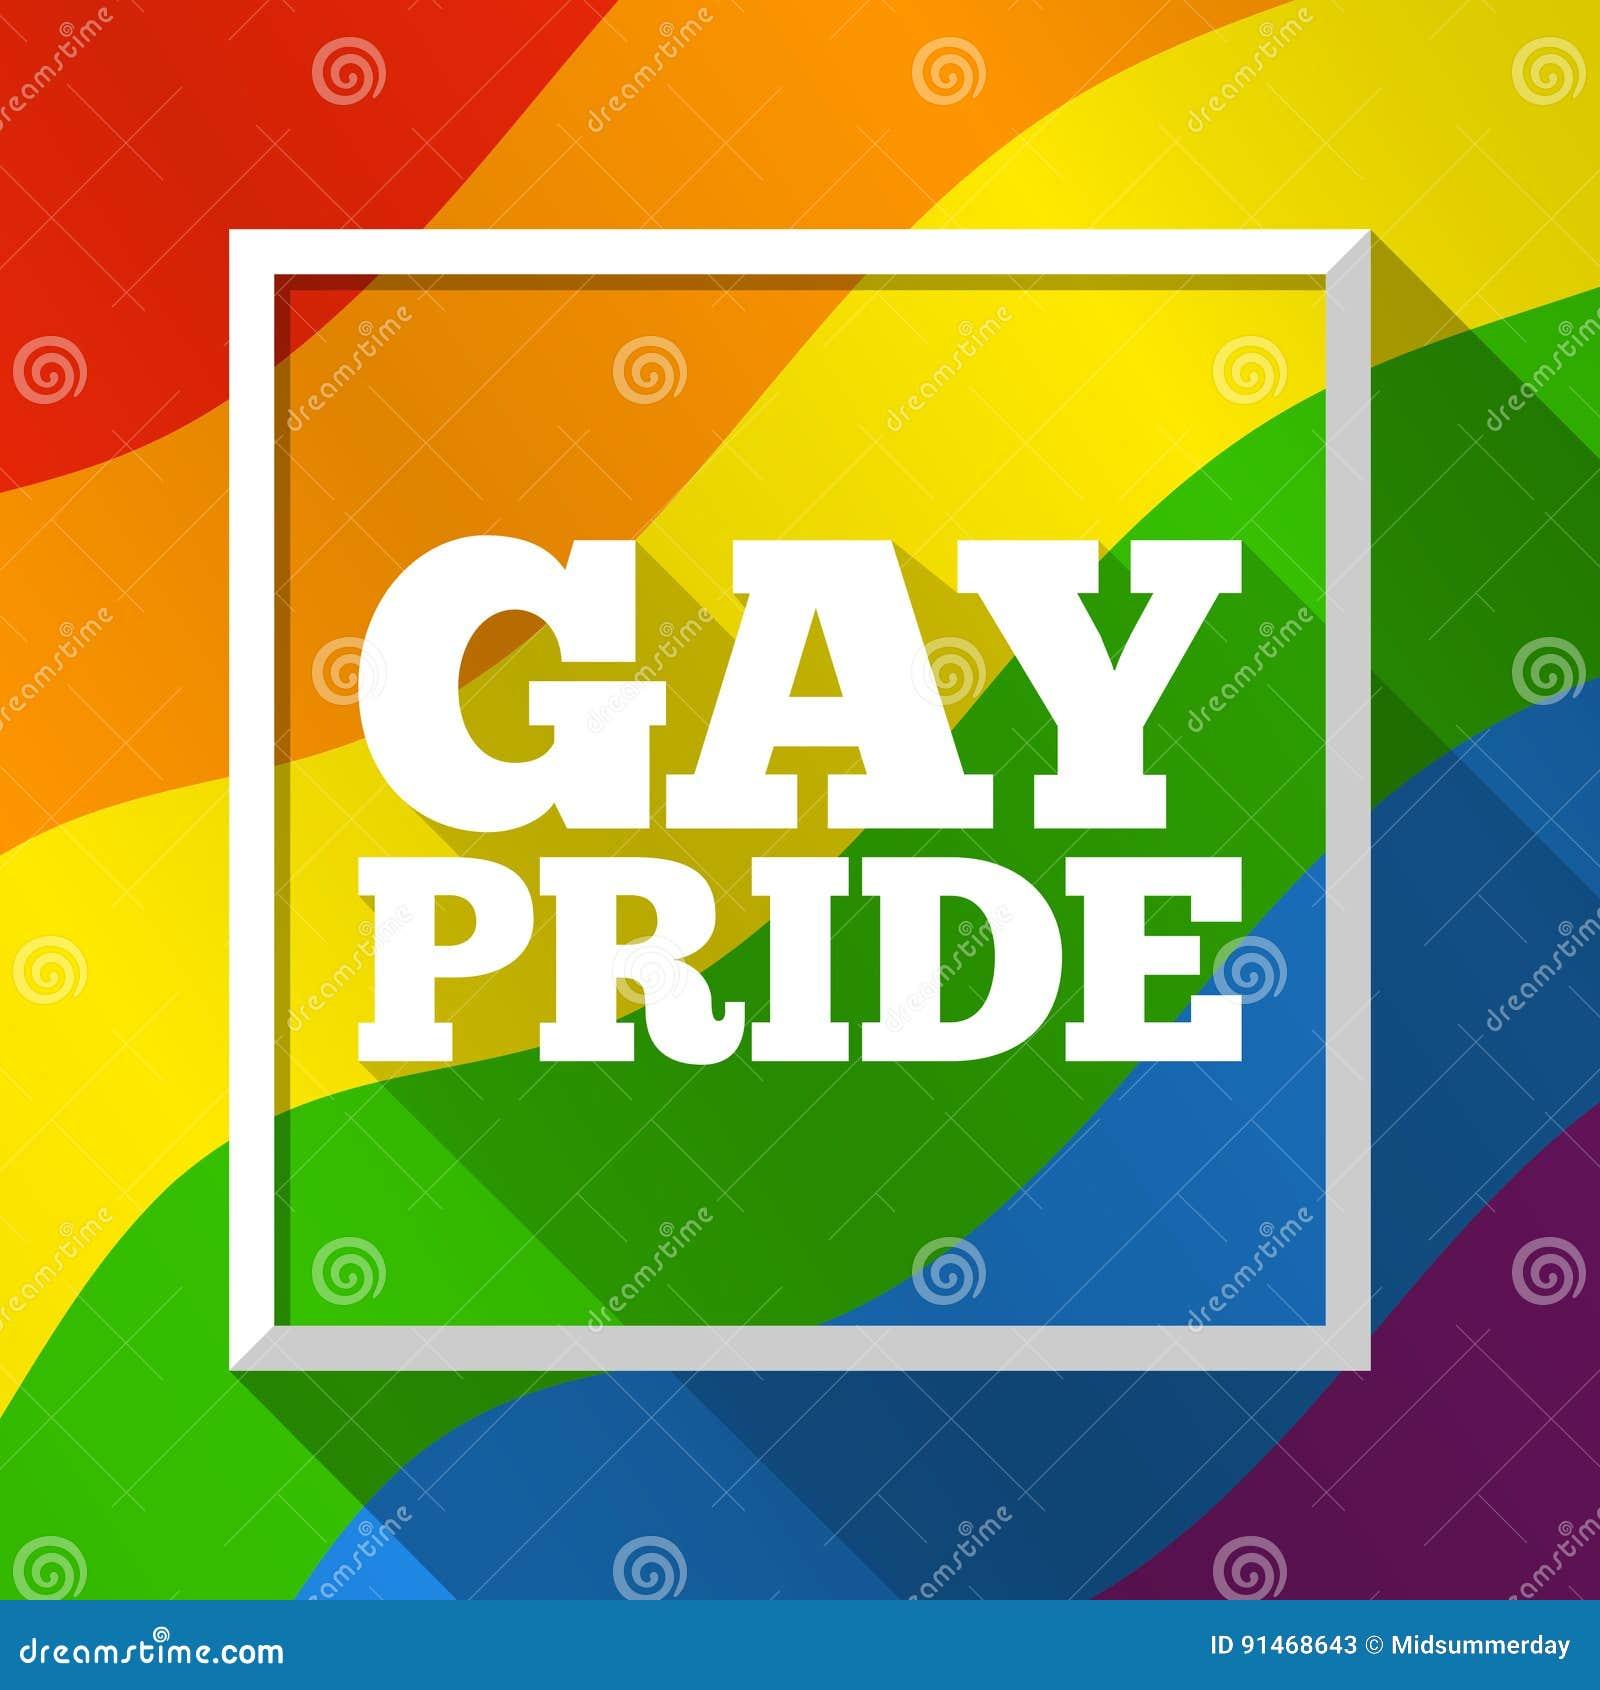 gay slang dictionary